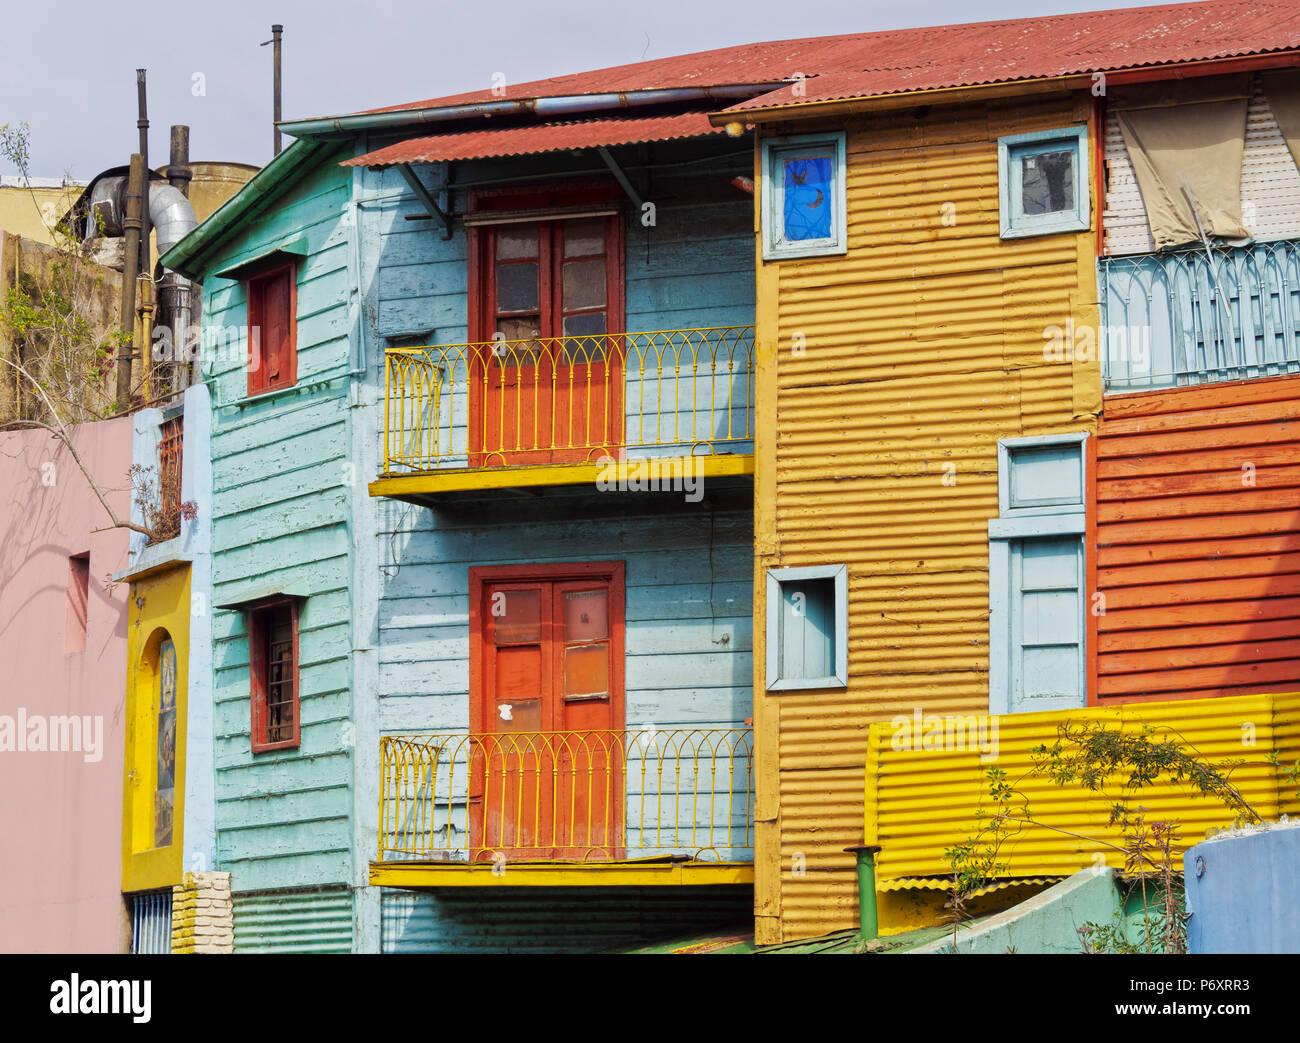 Argentina, Provincia de Buenos Aires, Ciudad de Buenos Aires, La Boca, la vista de colorido Caminito. Foto de stock